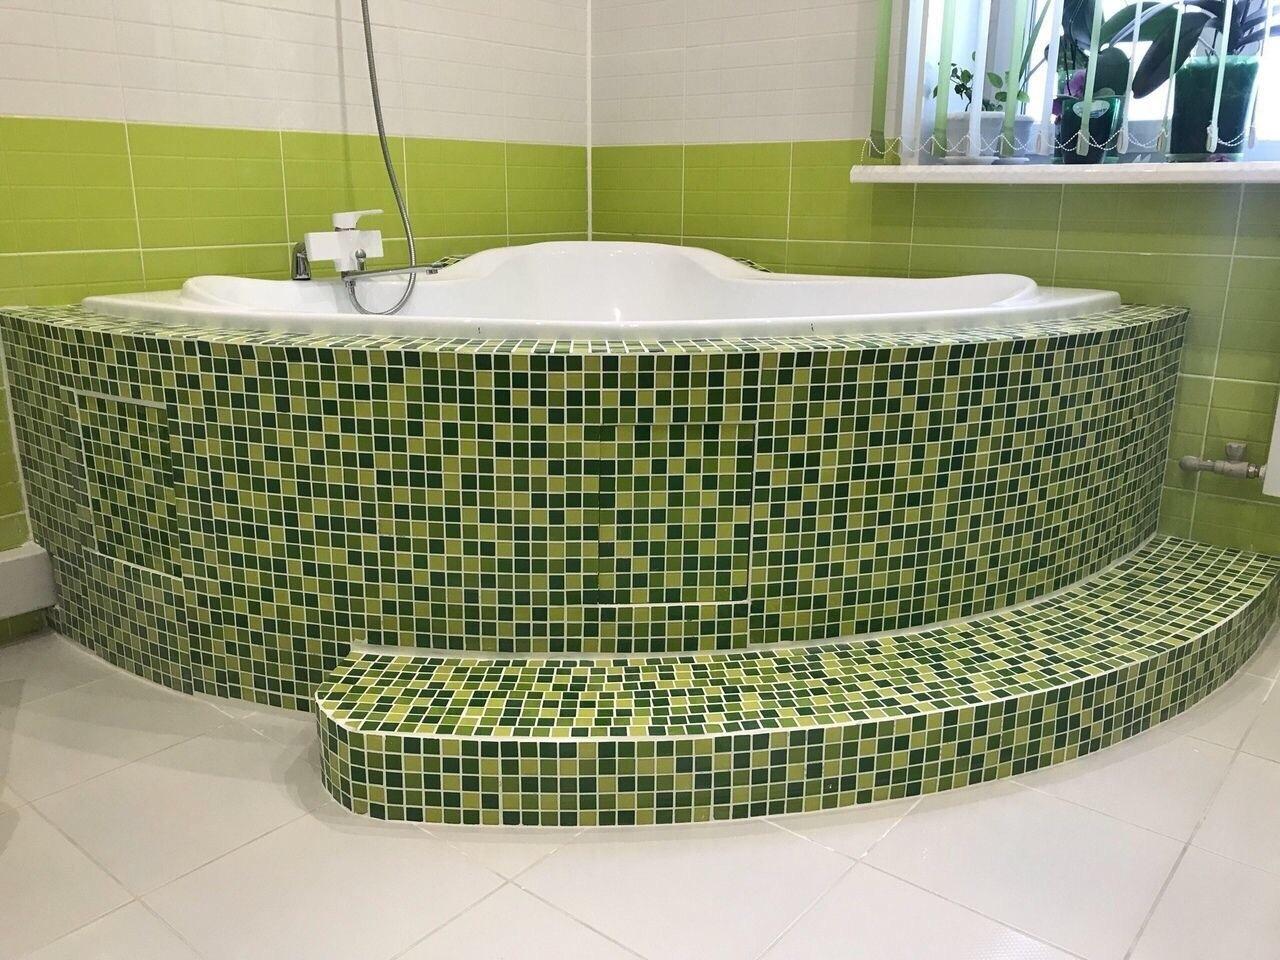 Полностью своими руками сделали ремонт ванной комнаты. Интересно ваше мнение